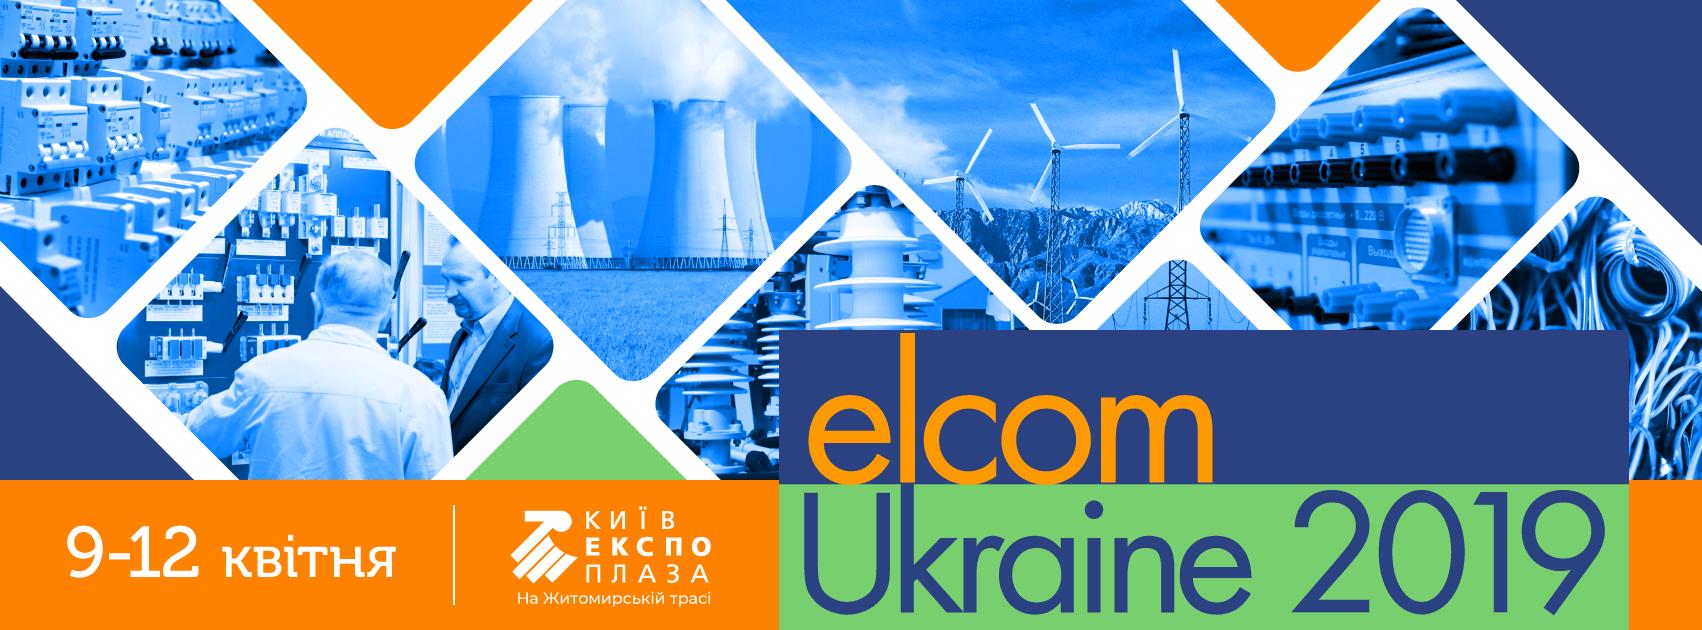 Виставка elcomUkraine 2019